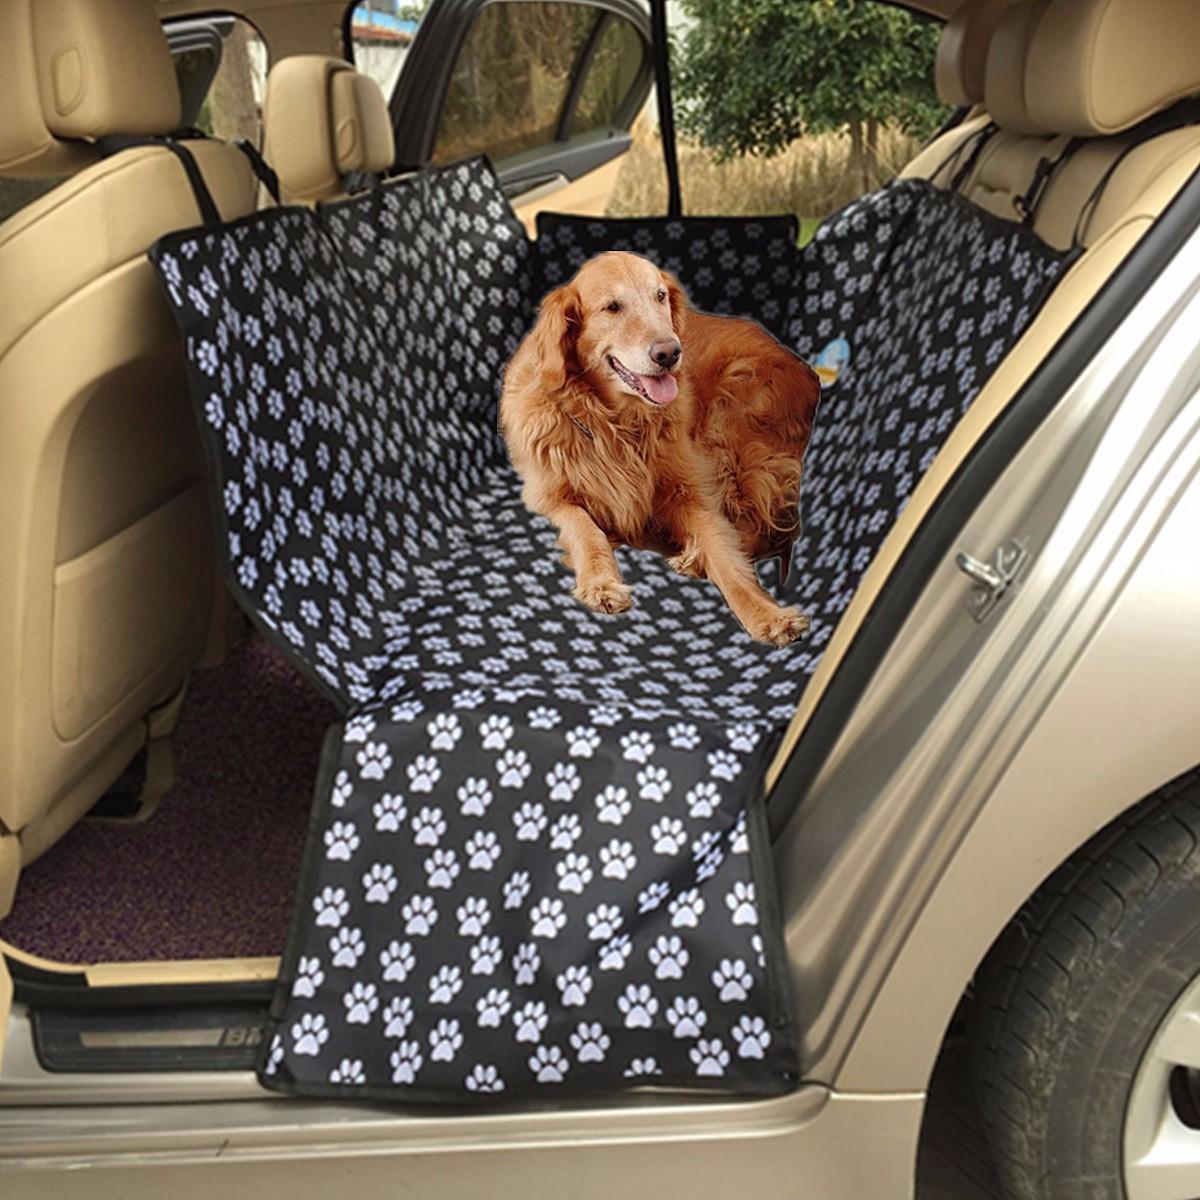 Auto Auto Rücksitz-abdeckungs Hund Katze Mat Hängematte Transportbox sicherheit Wasserdicht Hund Automatten Footprint Protector 130x150x55 cm